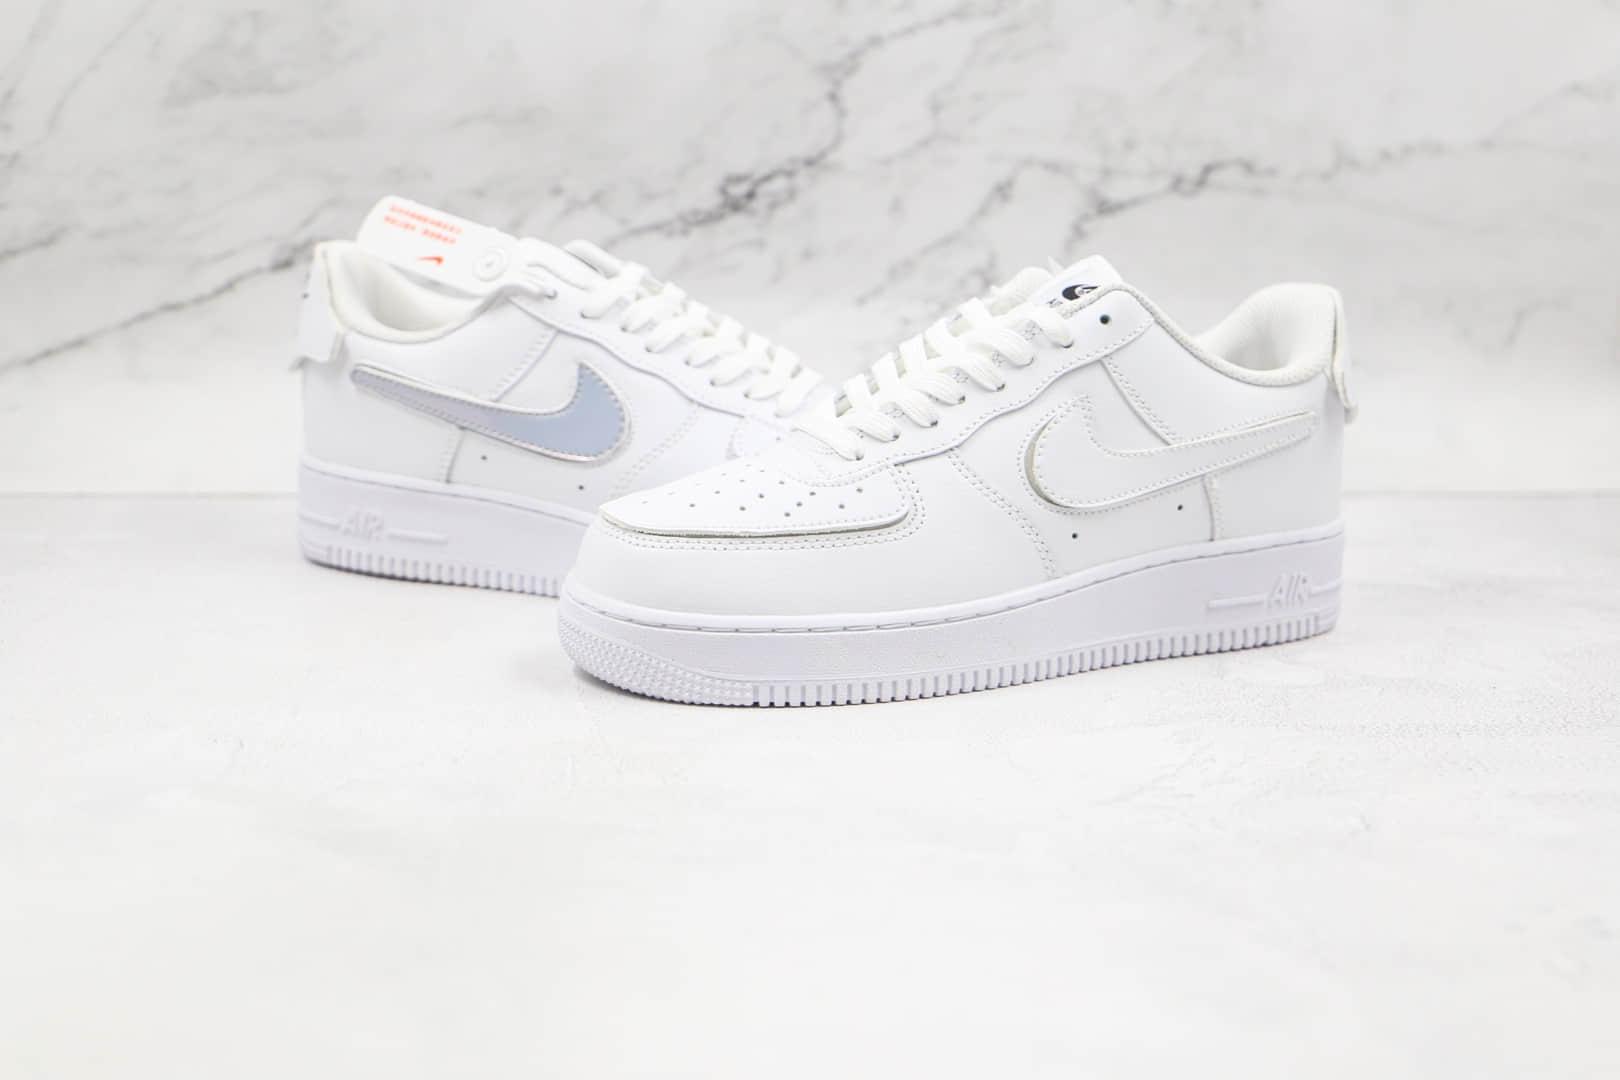 耐克Nike Air Force 1 Low AF1 1纯原版本低帮空军一号拆卸魔术钩白色板鞋内置气垫 货号:DB2812-100